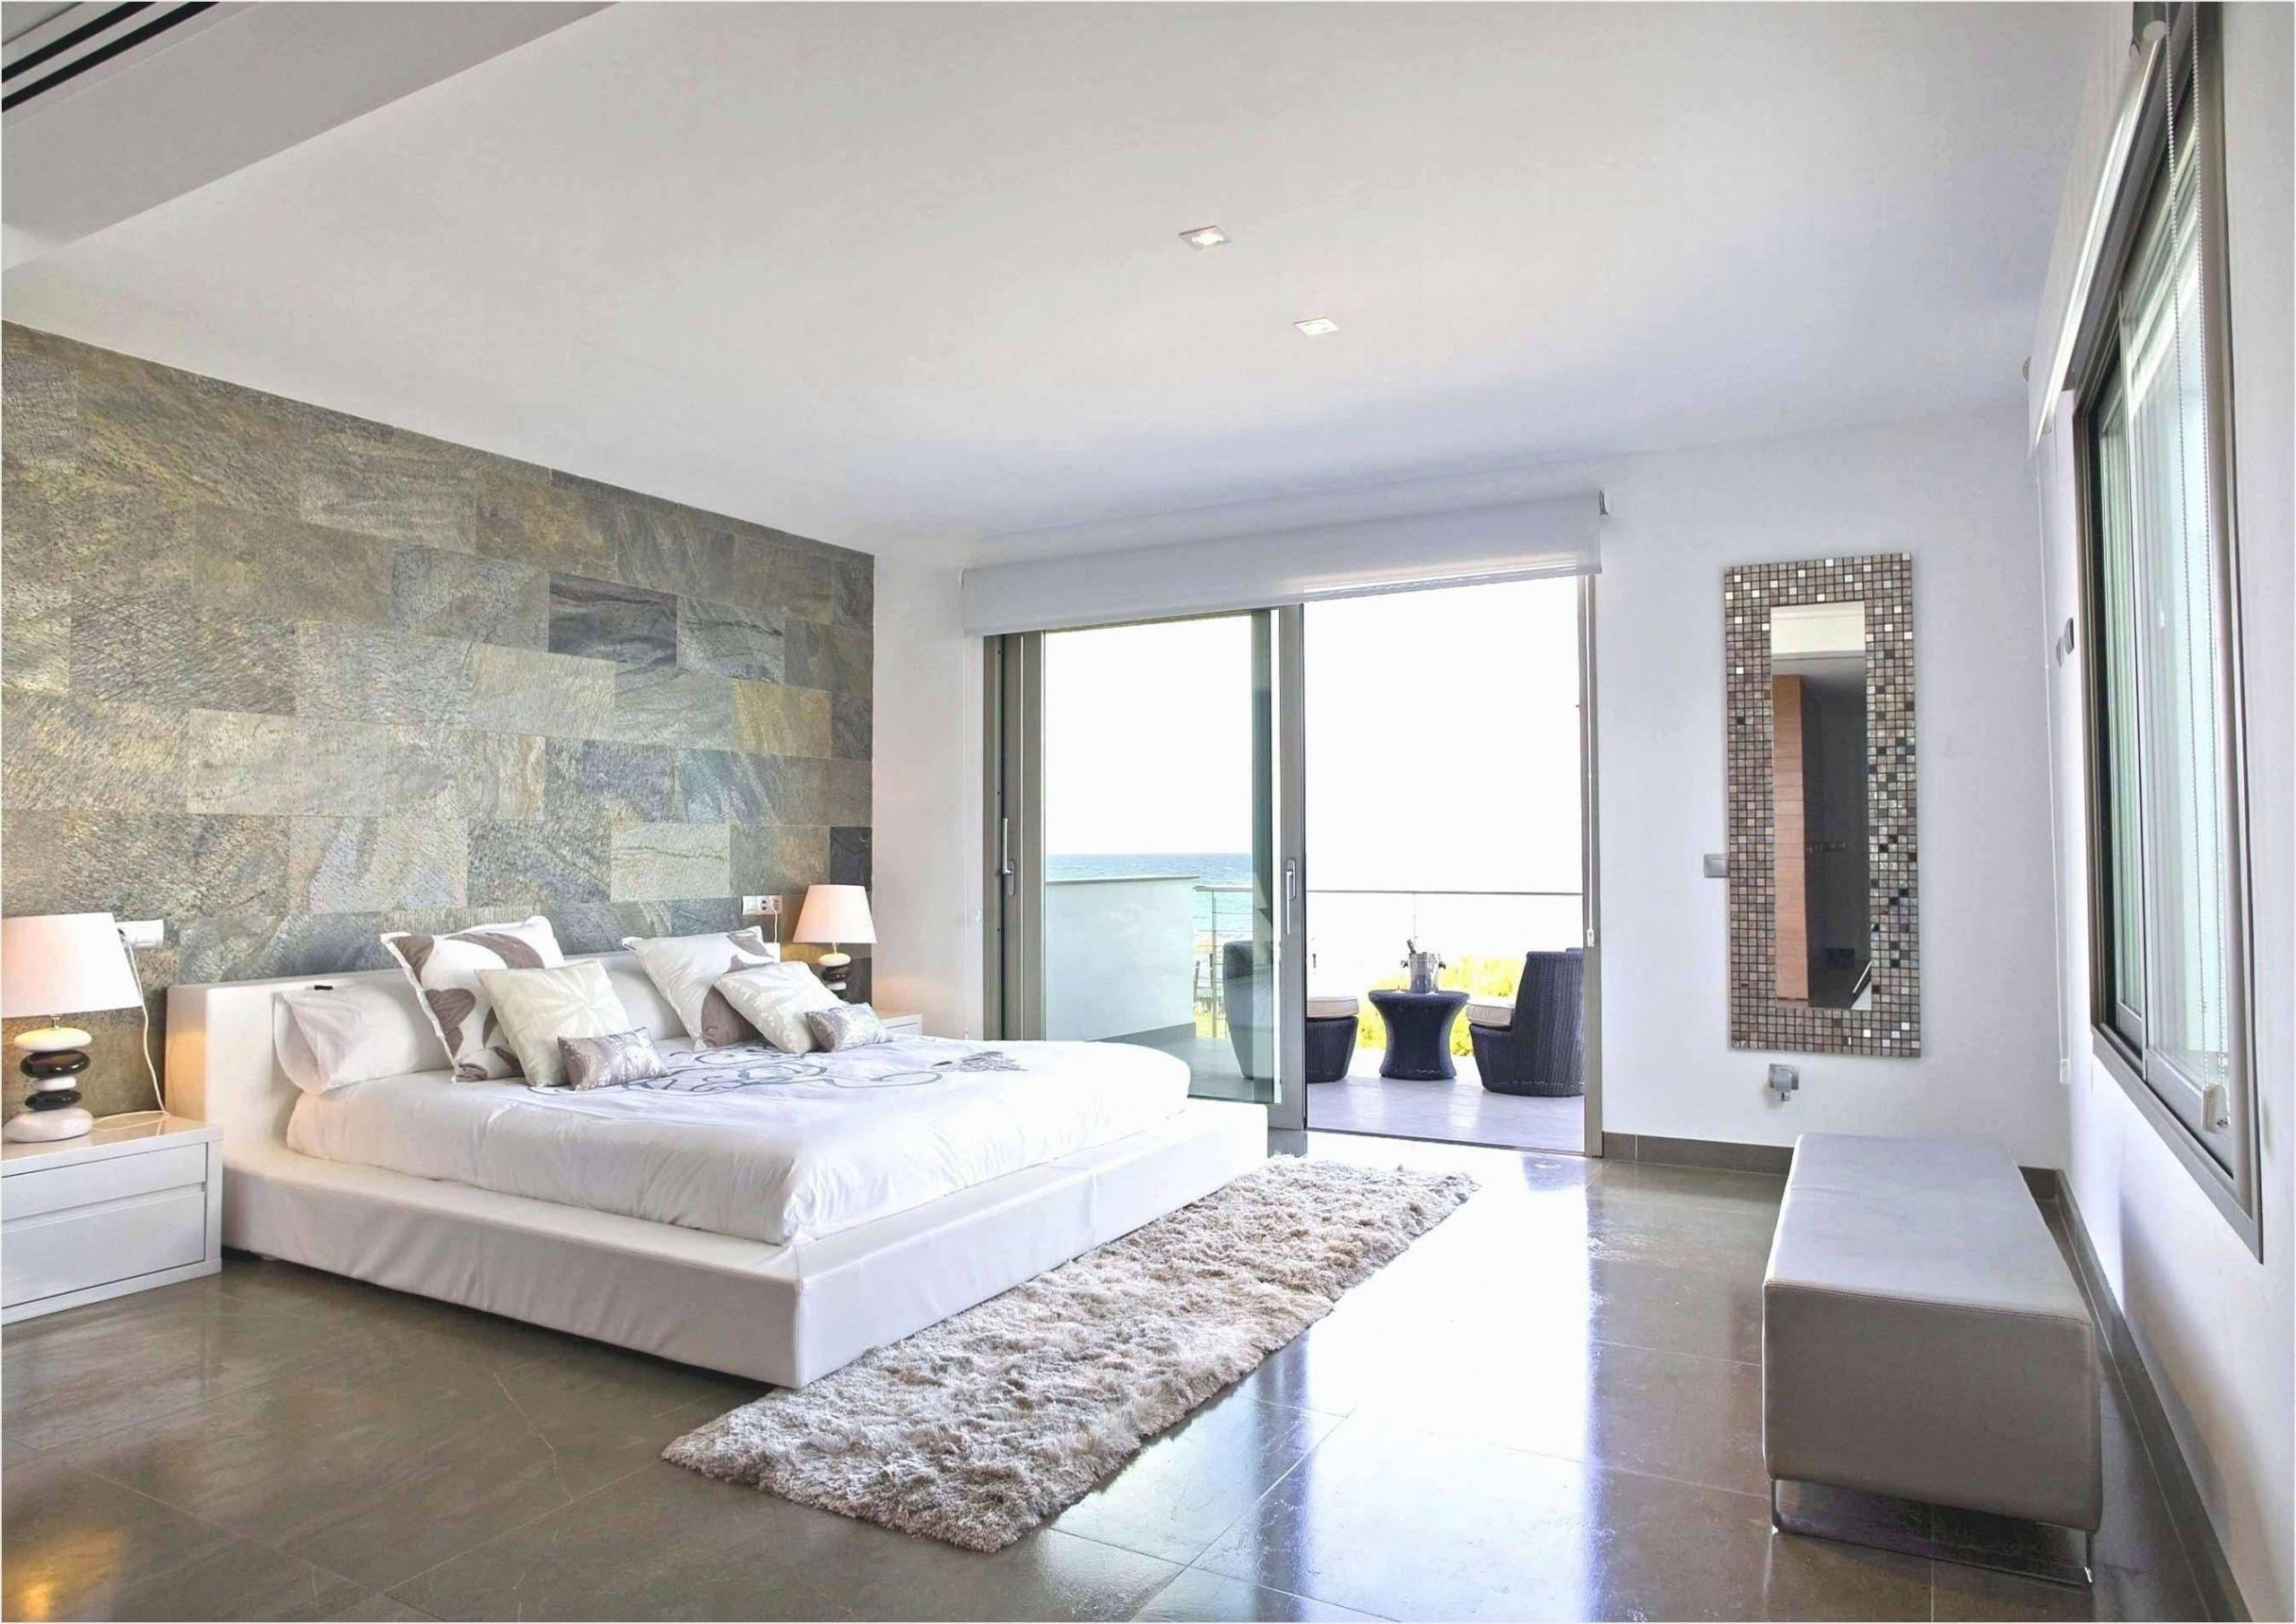 wohnzimmer beistelltisch modern neu 45 das beste von glas deko bilder of wohnzimmer beistelltisch modern